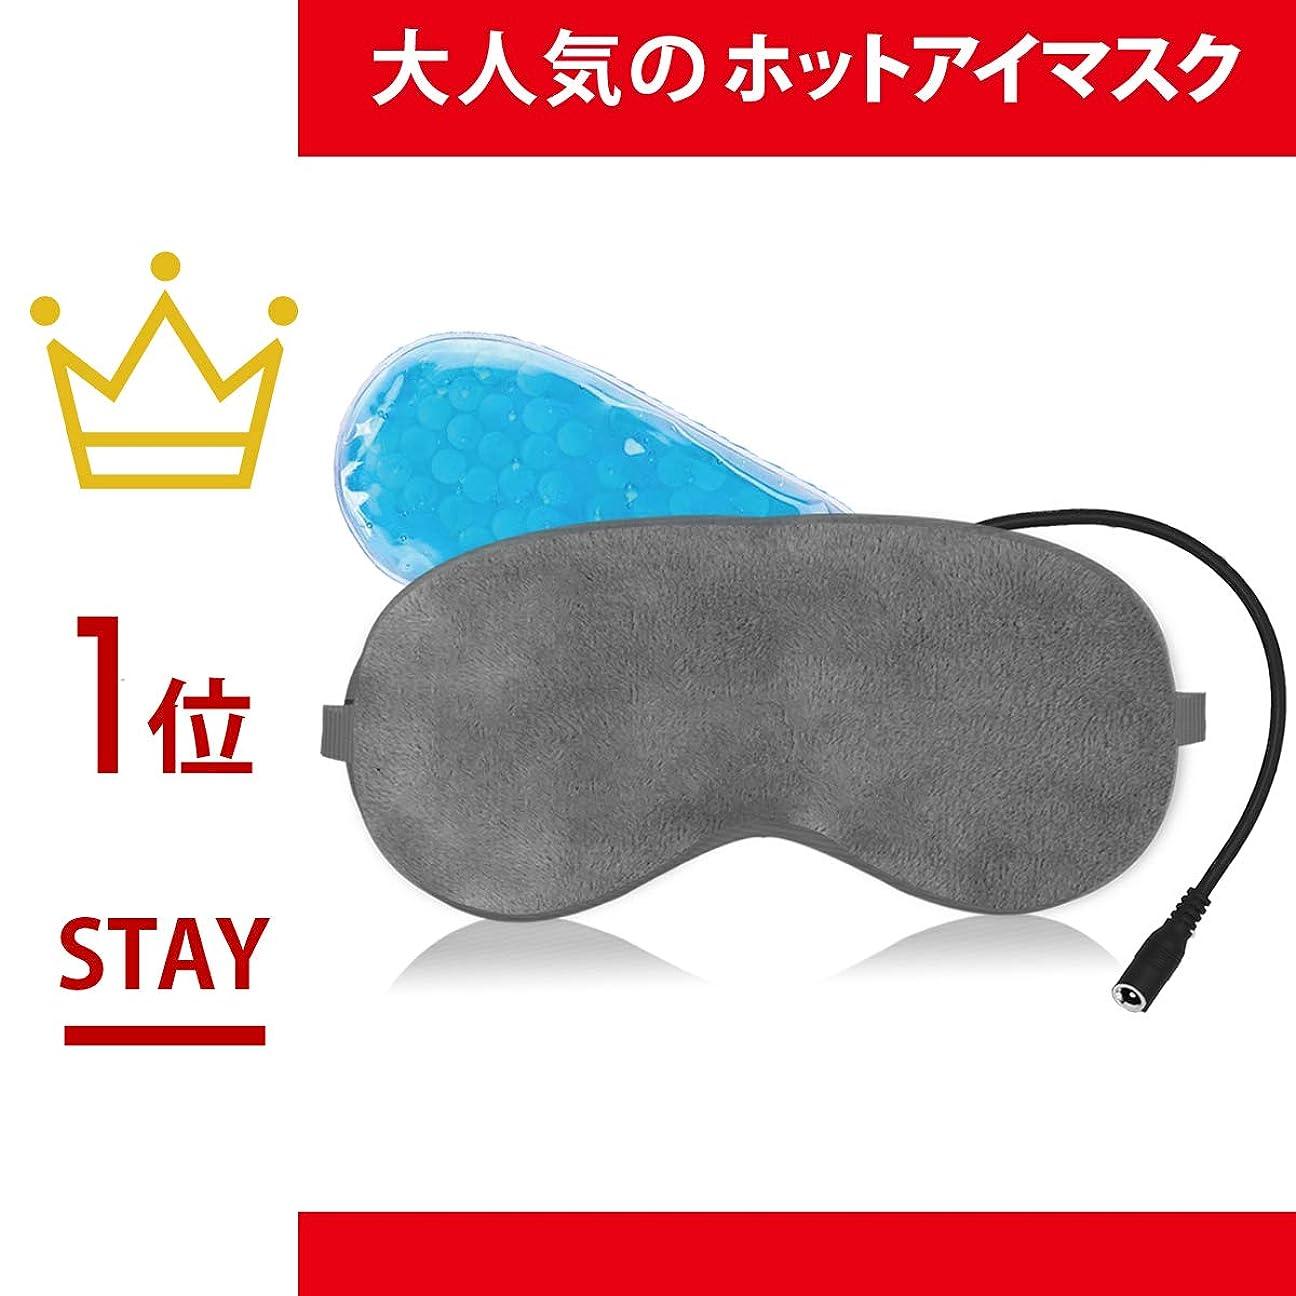 翻訳者不健康拮抗するホットアイマスク TANOKI 目元マッサージャー 安眠 USB 両面使用 蒸気で タイマー設定 温度調節 温冷両用 分離型ラベンダー アロマ ギフトセット 飛行機アイマスク 快眠 遮光 洗える 贈り物に グレー